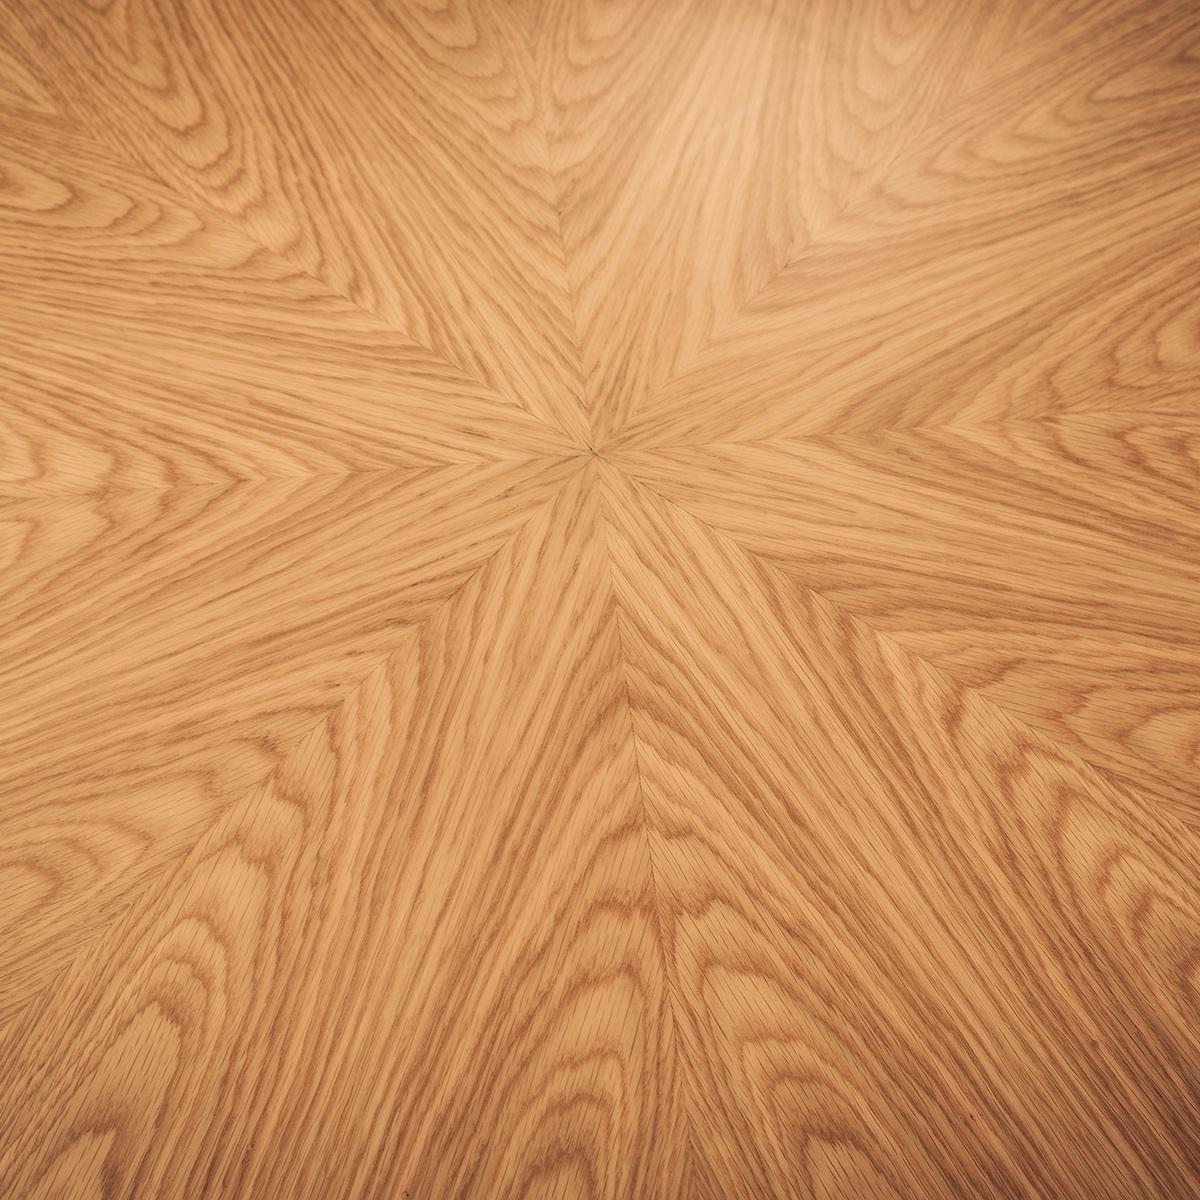 Radial Oak